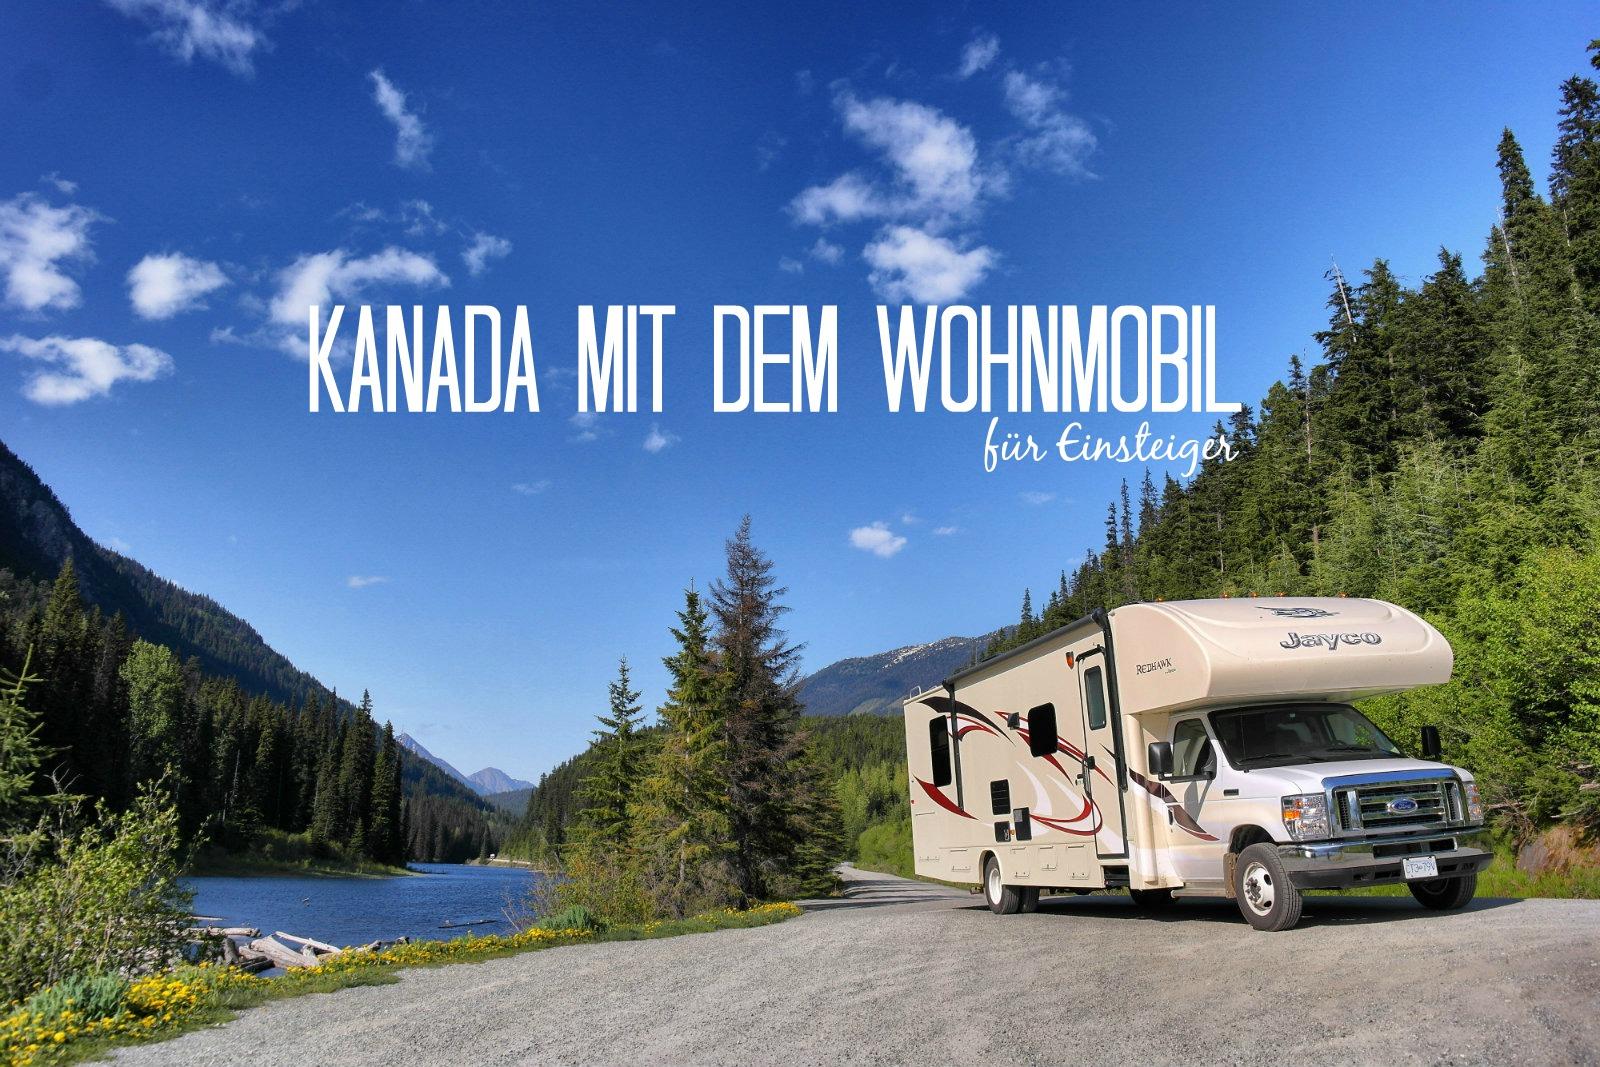 Kanada mit dem Wohnmobil: Praktische Einsteiger-Tipps